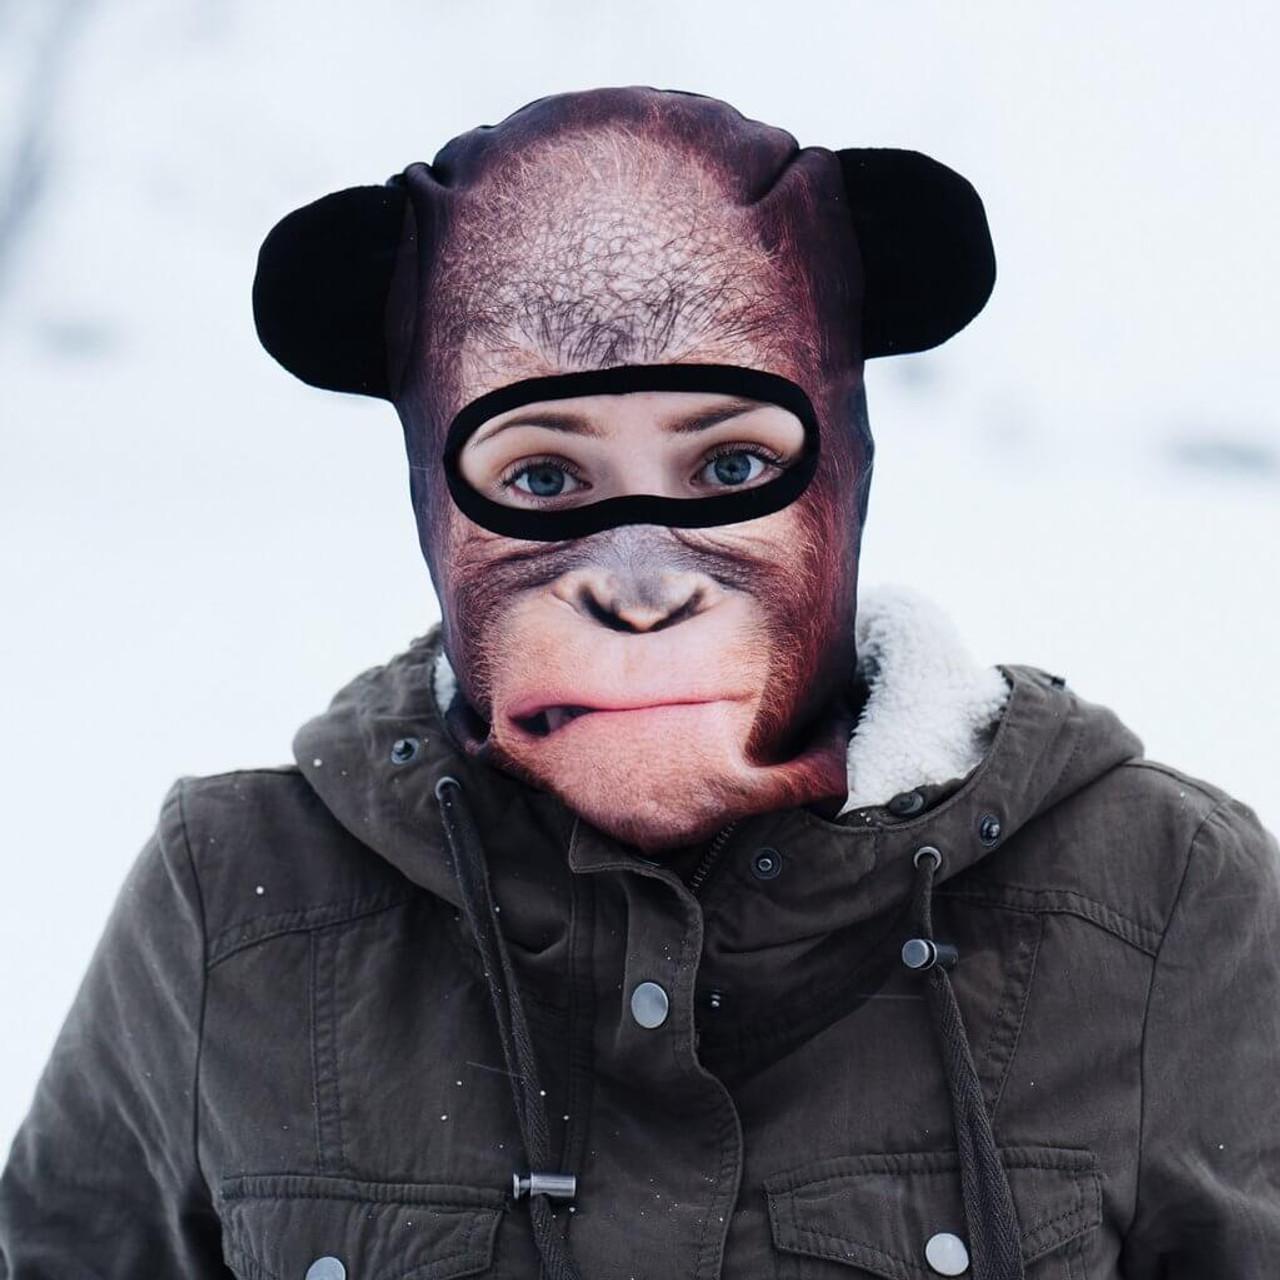 Contemplating Orangutan Winter Snow Mask In Unique Animal